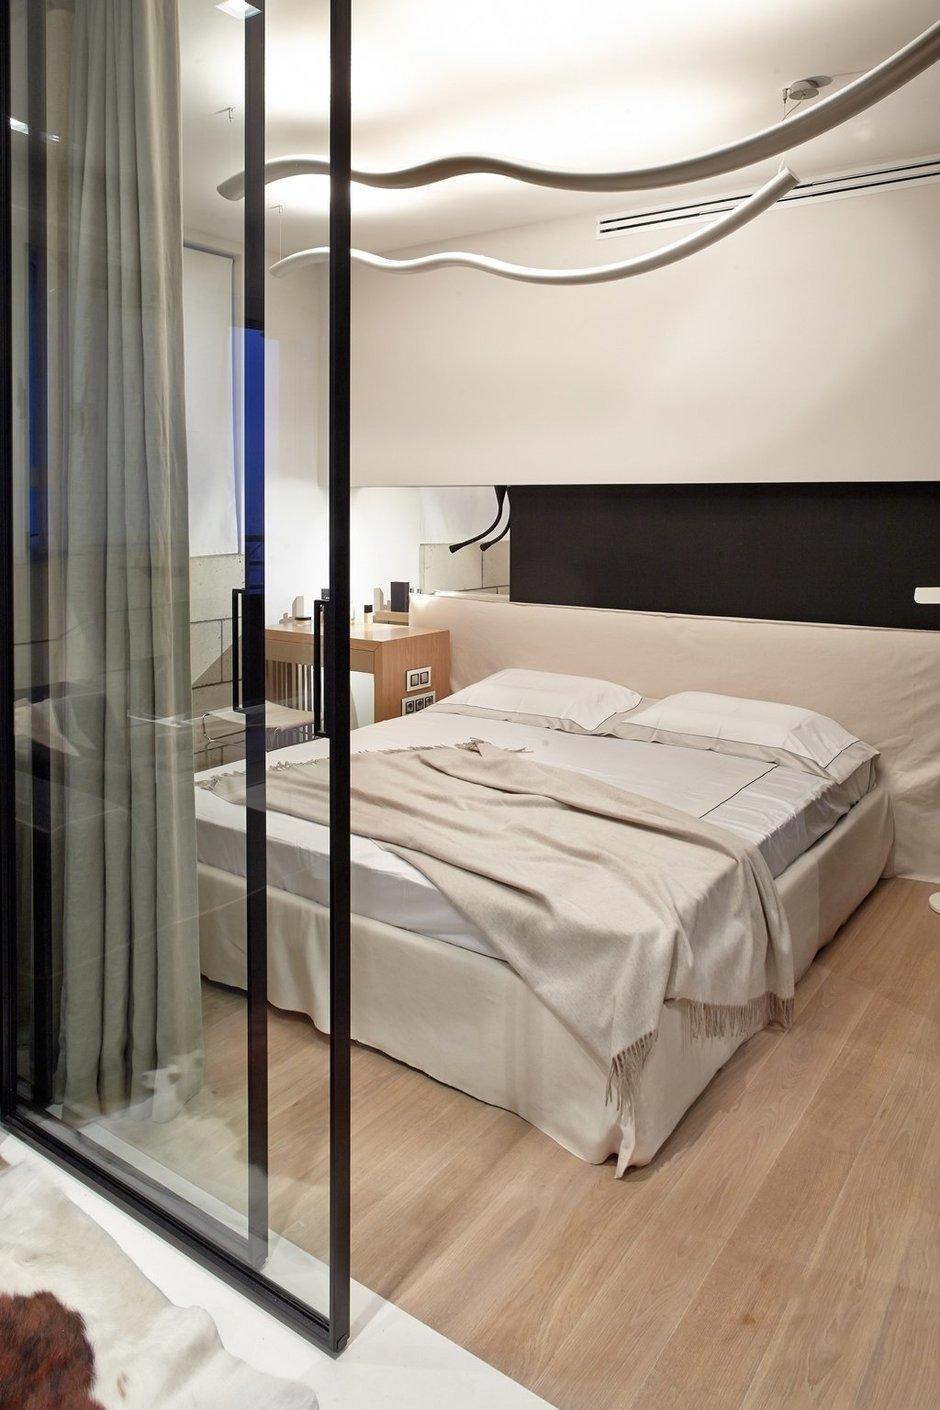 Фотография: Спальня в стиле Современный, Малогабаритная квартира, Квартира, Украина, Дома и квартиры, Киев – фото на InMyRoom.ru